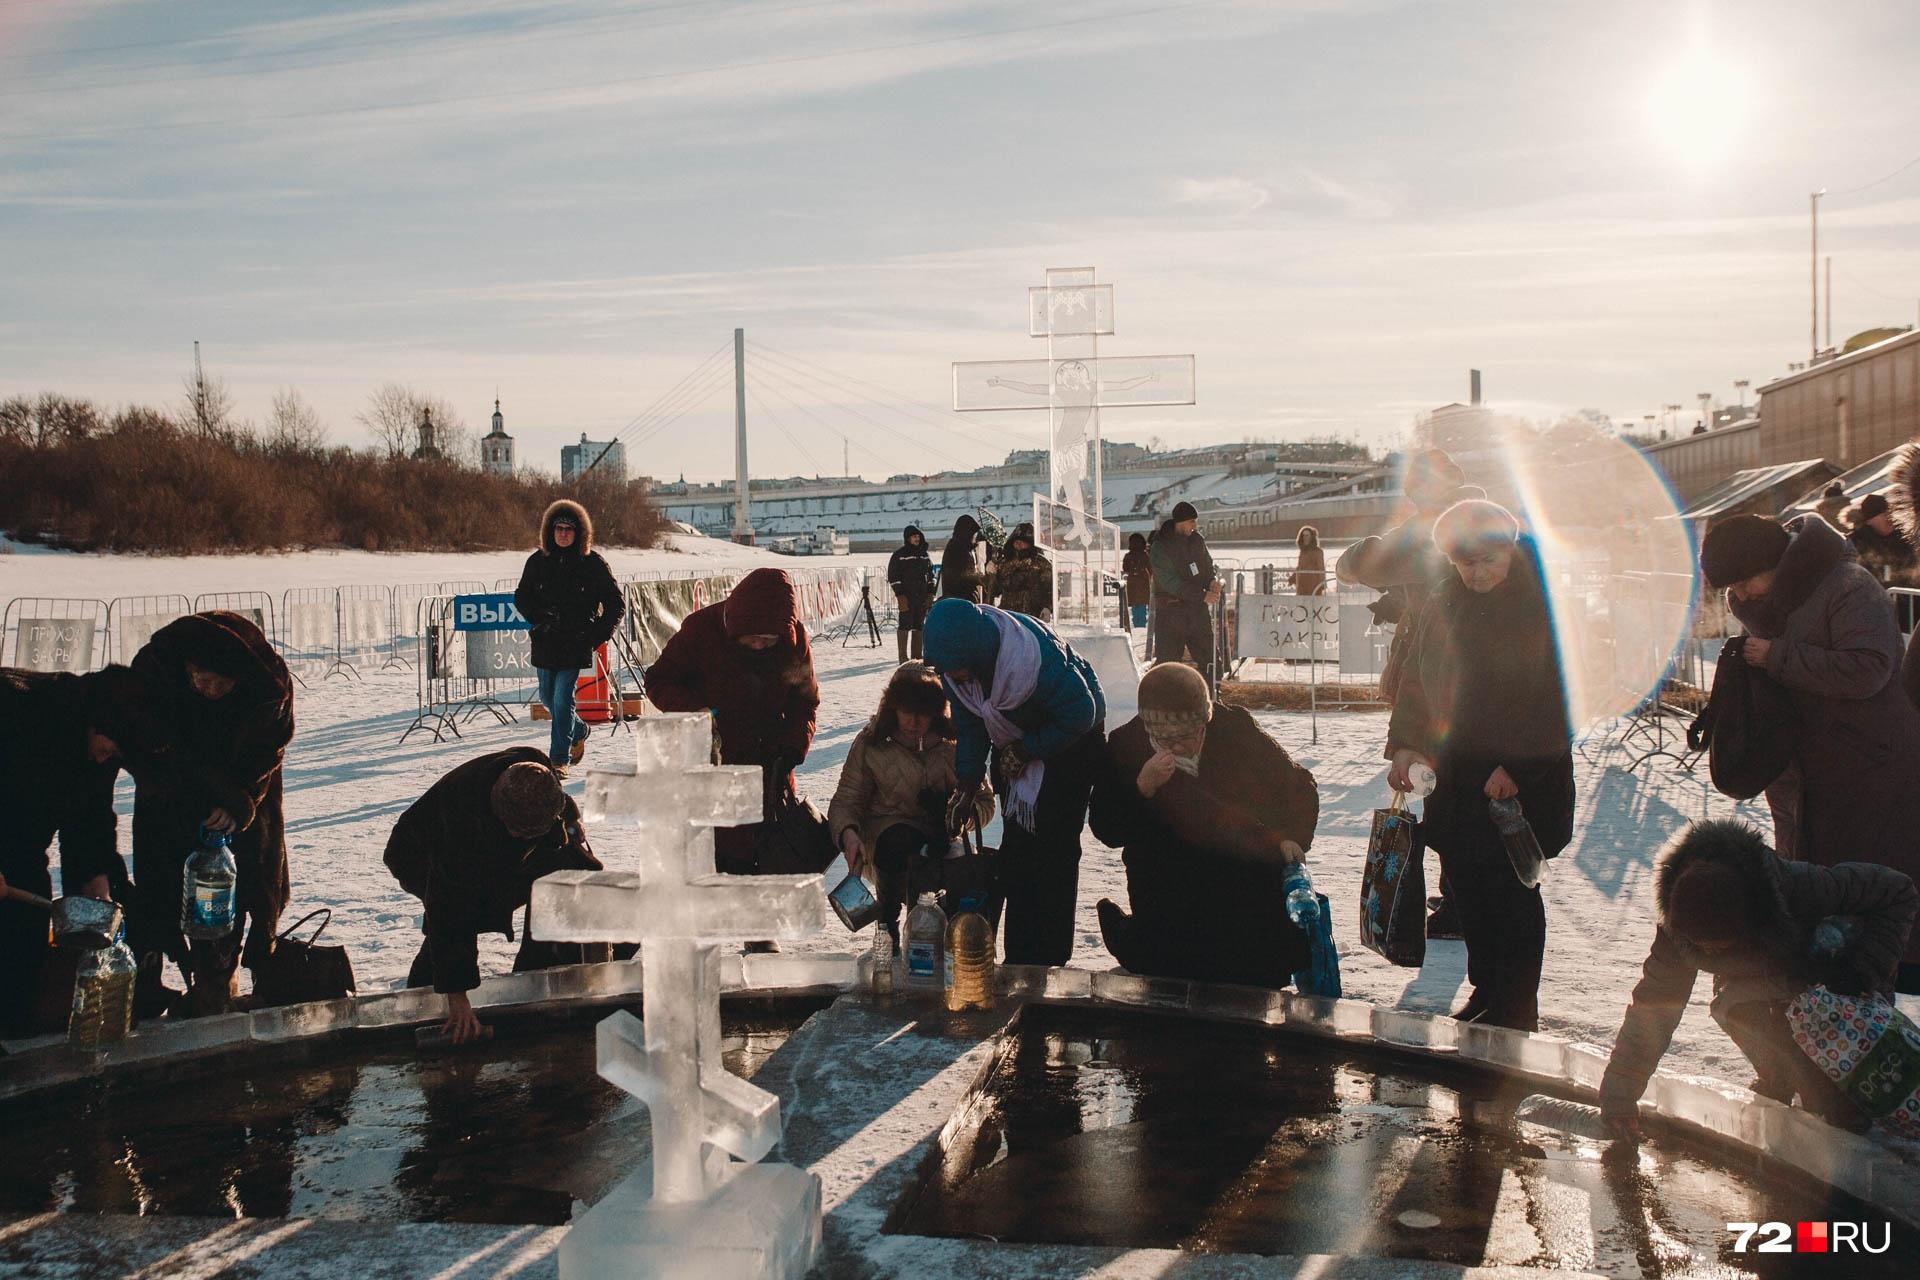 По предварительным подсчетам, в Крещении примут участие около 20 тысяч верующих. А вот на лёд смогут выйти одновременно не больше 50 человек. Проходы отслеживала и будет отслеживать на протяжении всего праздника полиция